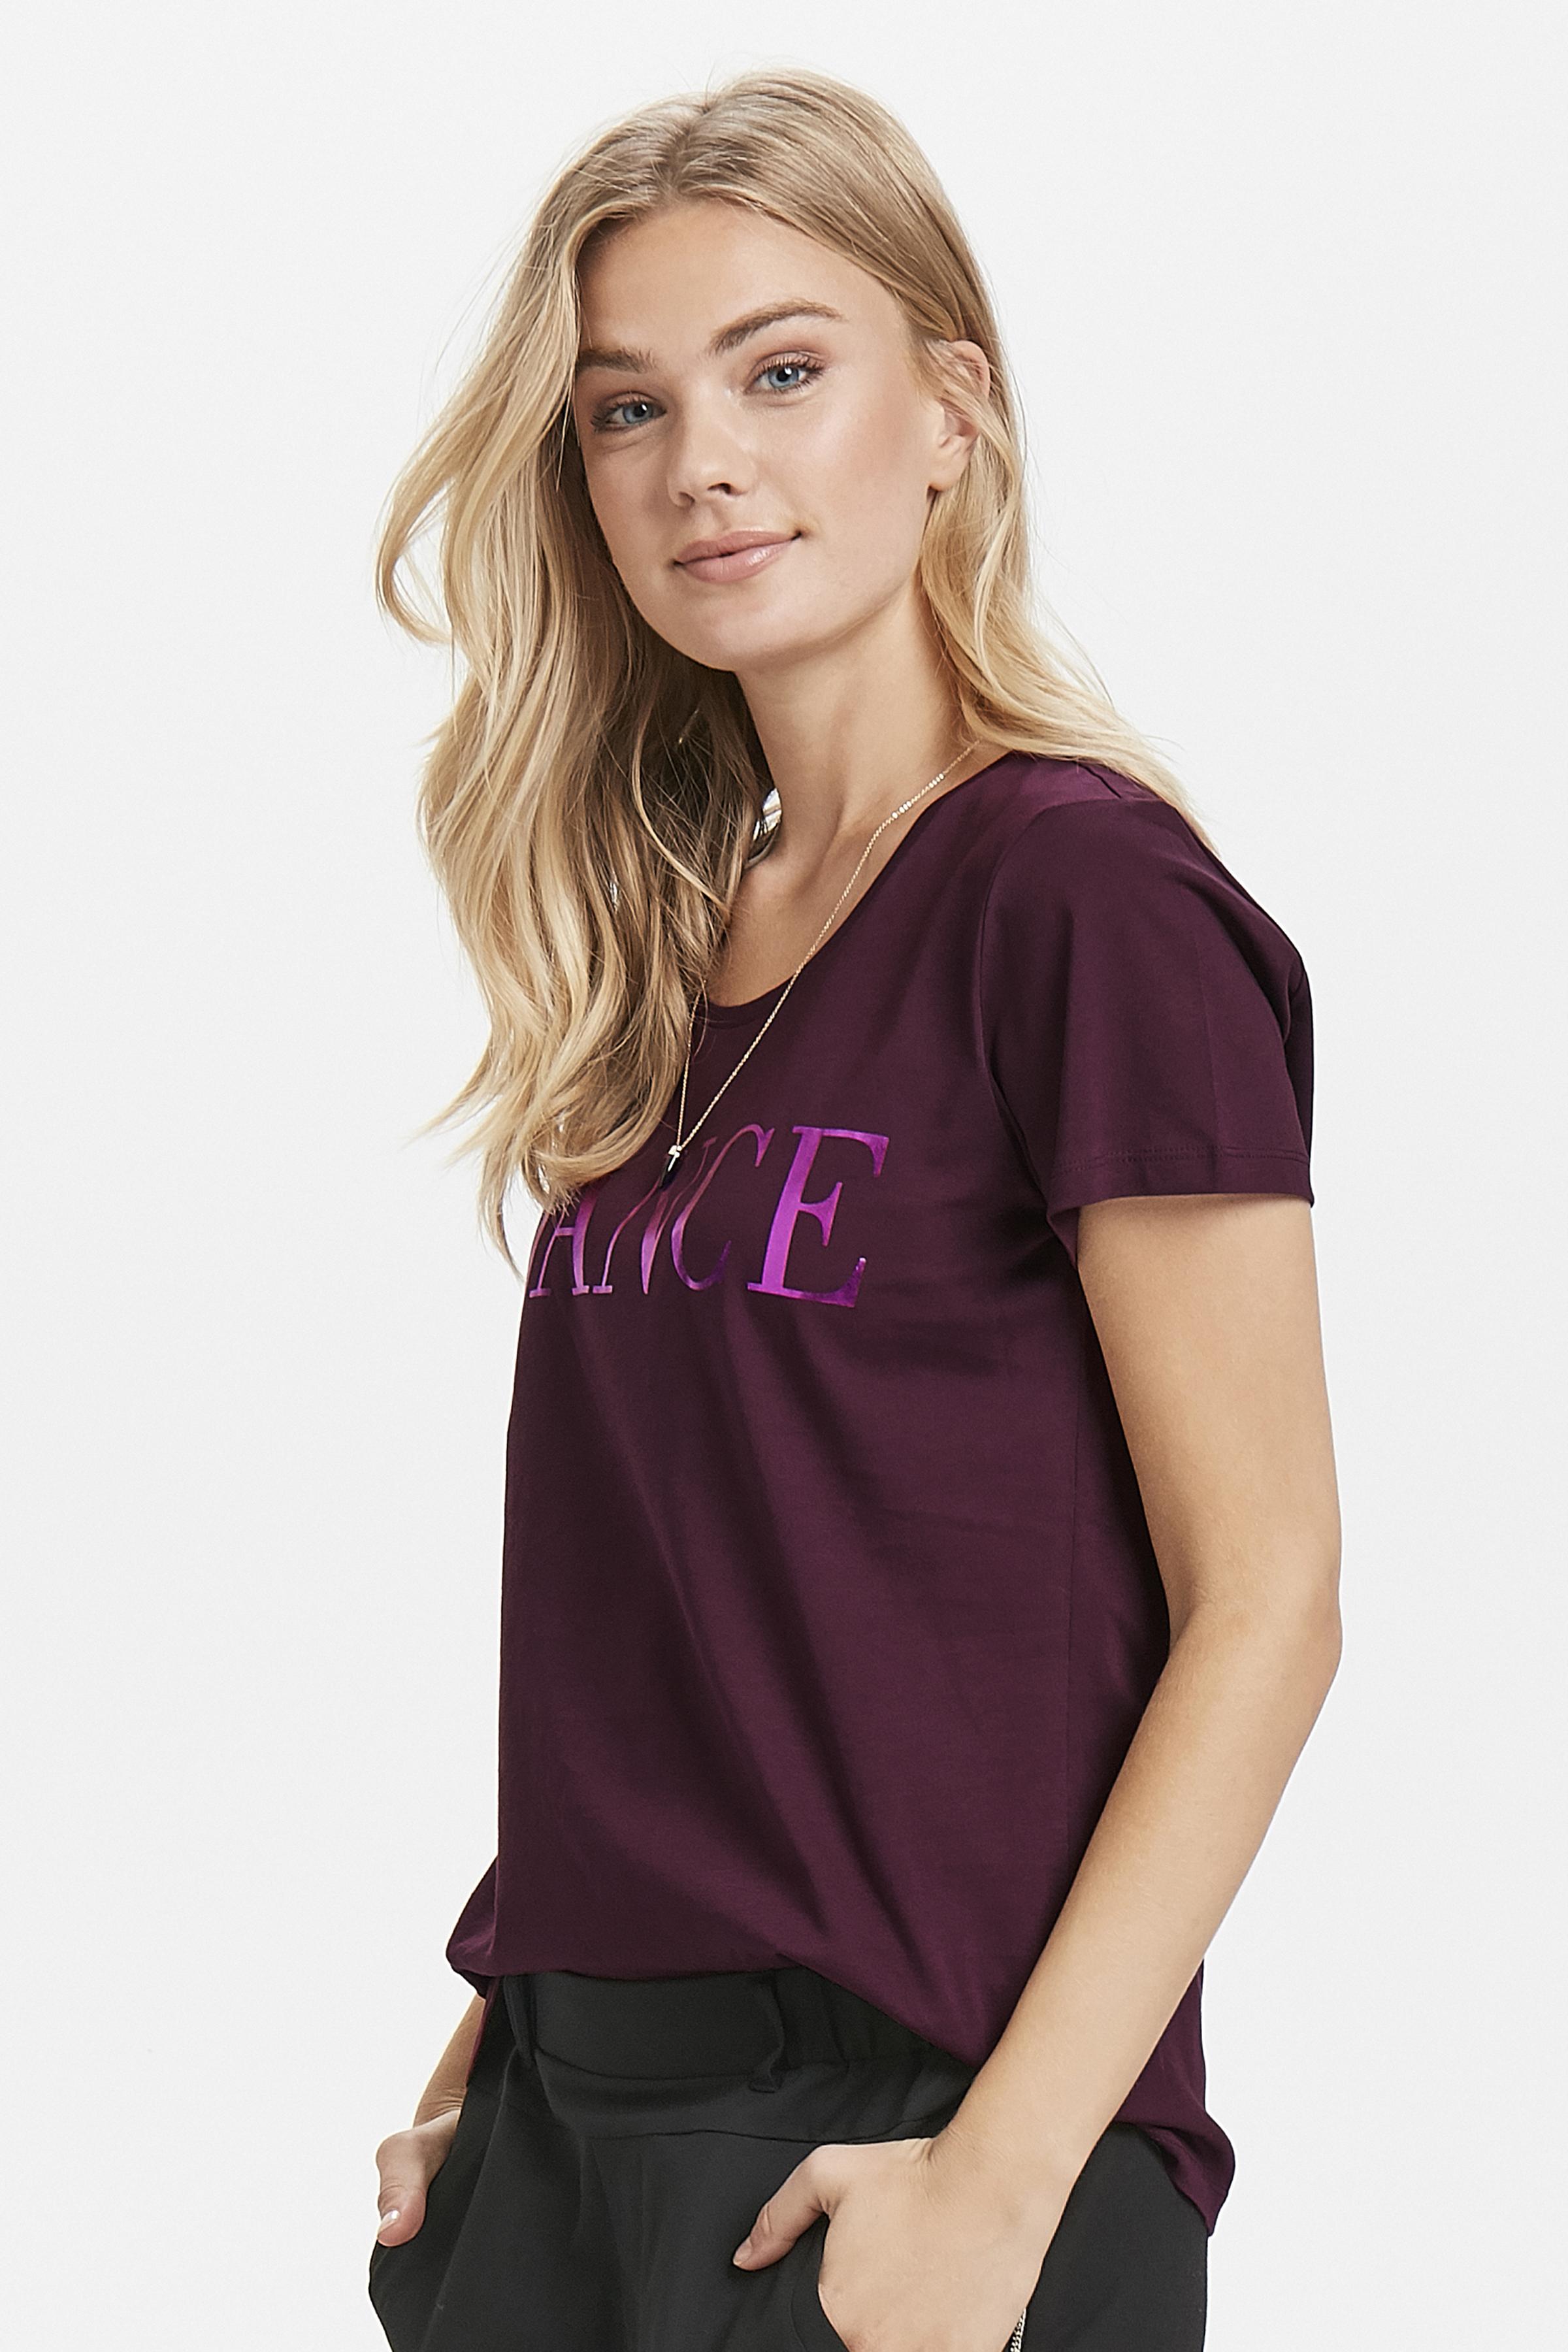 Donker bordeaux T-shirt korte mouw van Kaffe – Door Donker bordeaux T-shirt korte mouw van maat. XS-XXL hier